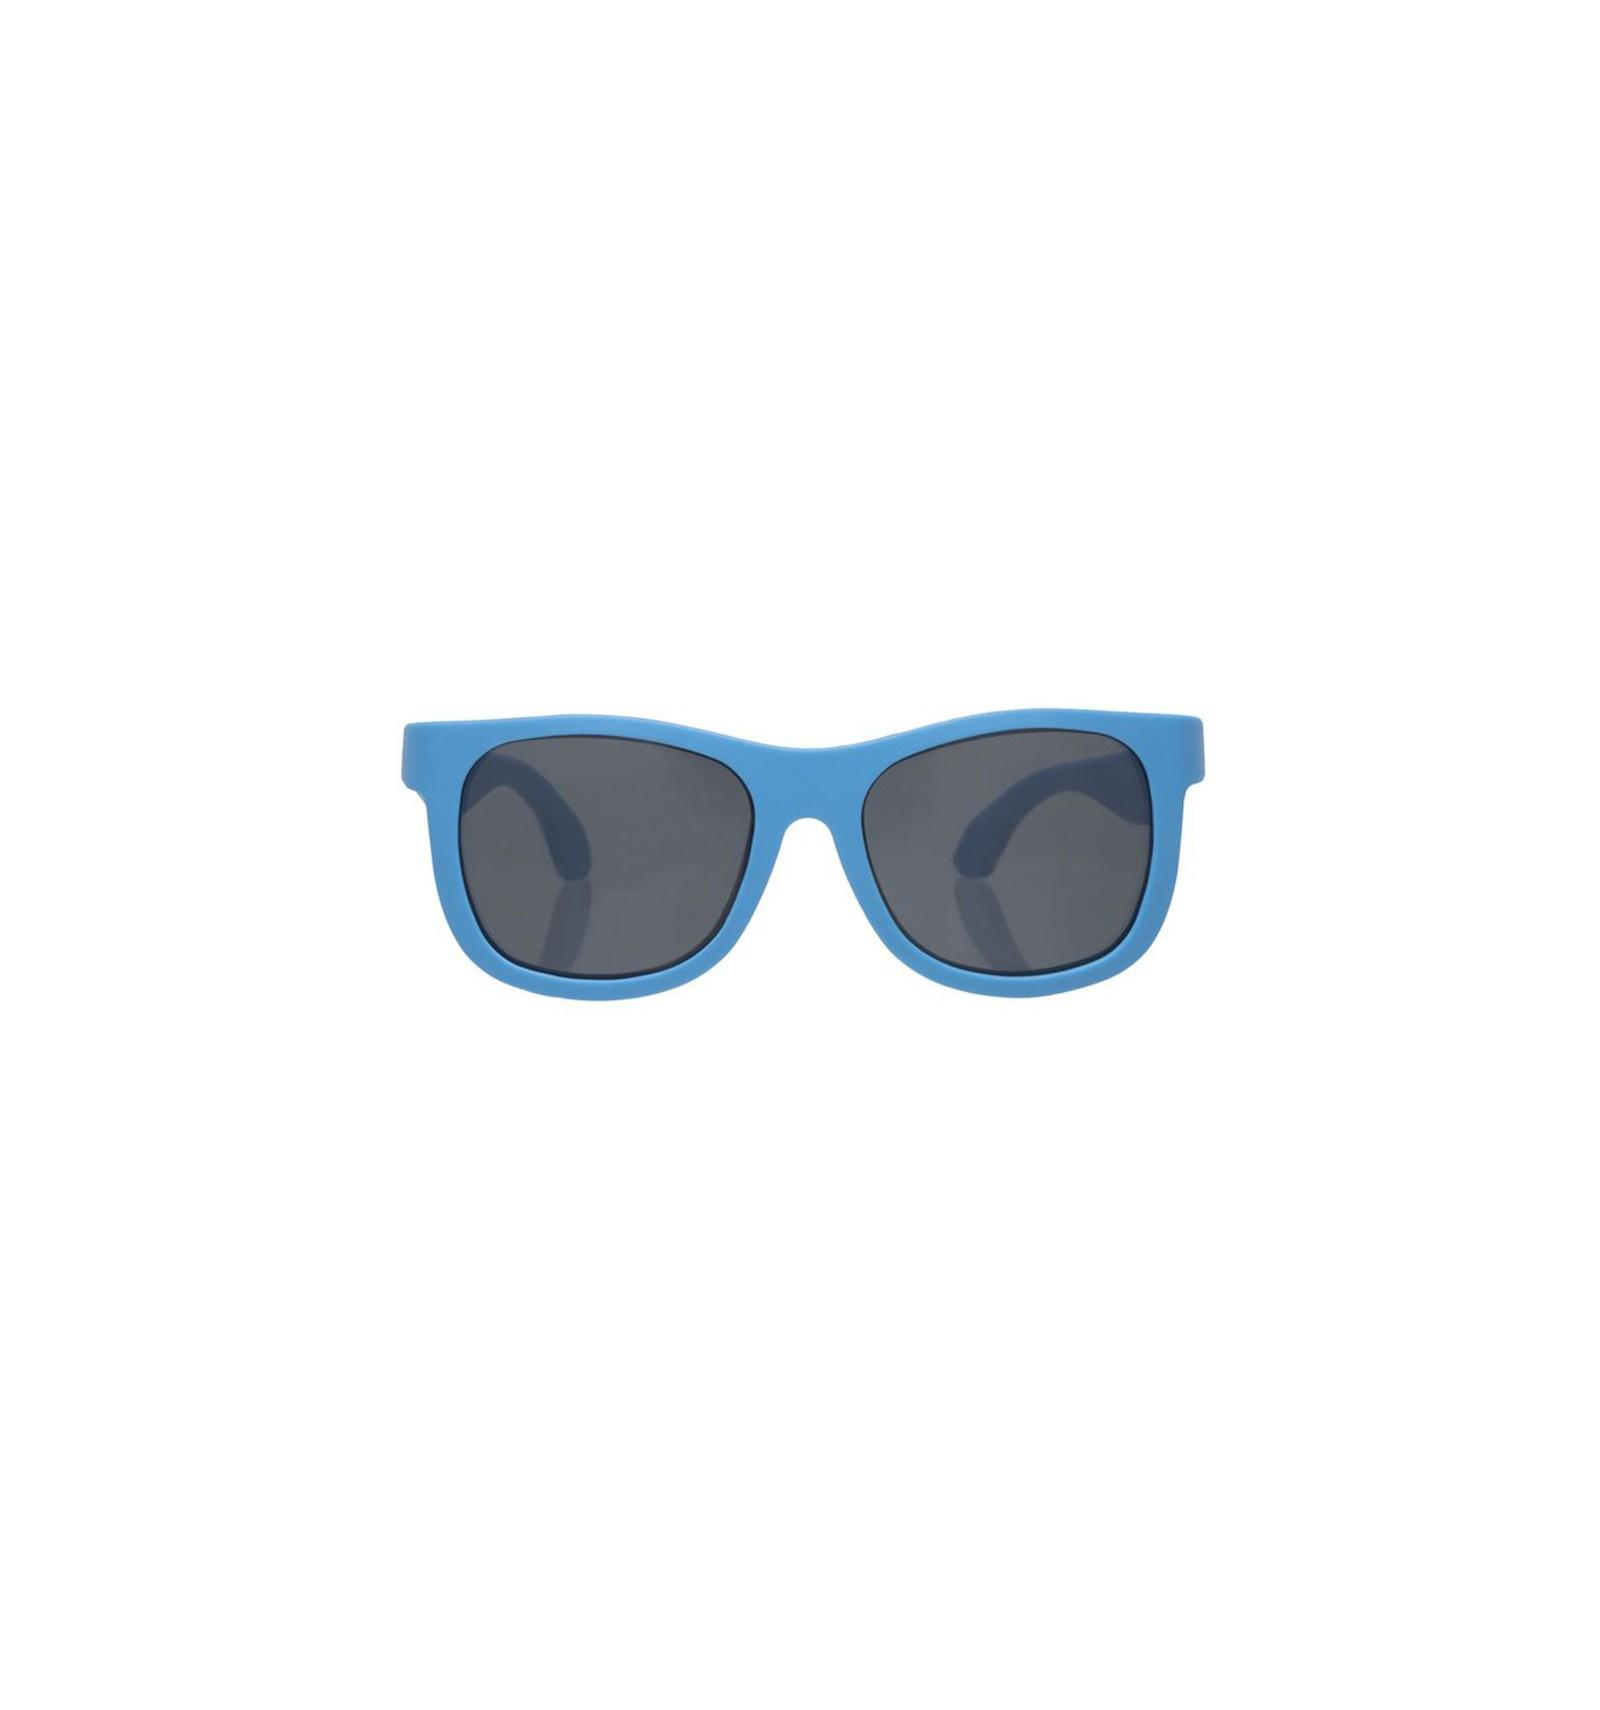 2b5dc3a387 Gafas de sol Babiators Azul